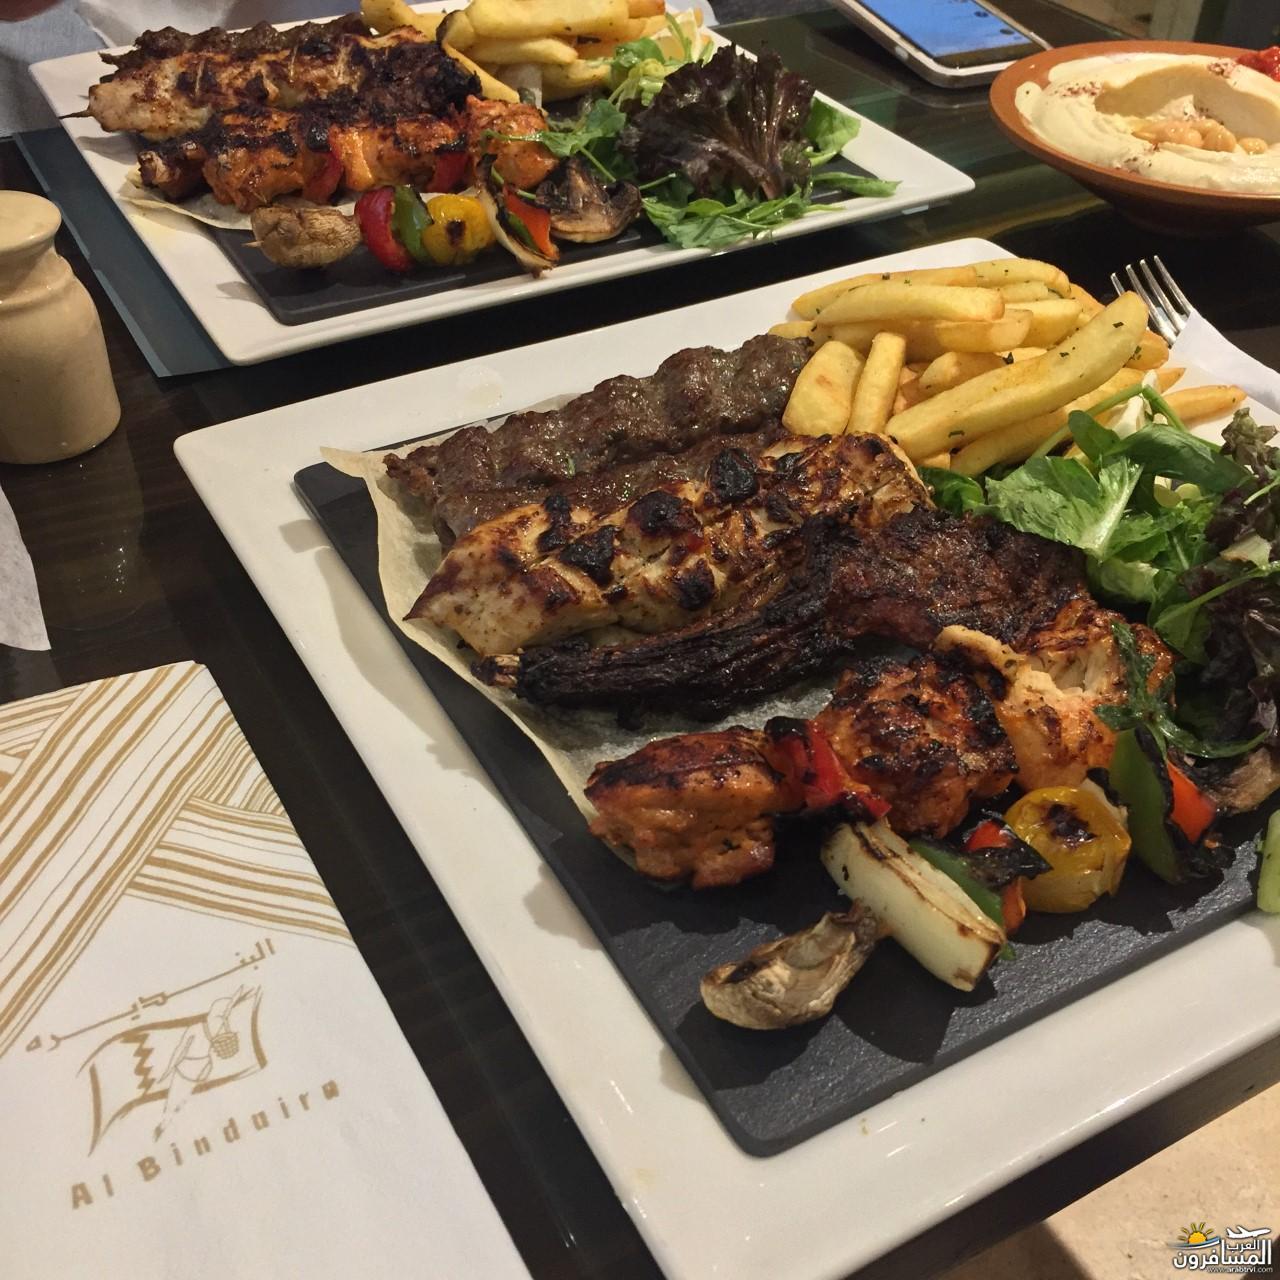 680151 المسافرون العرب مطعم وكافيه البندرية